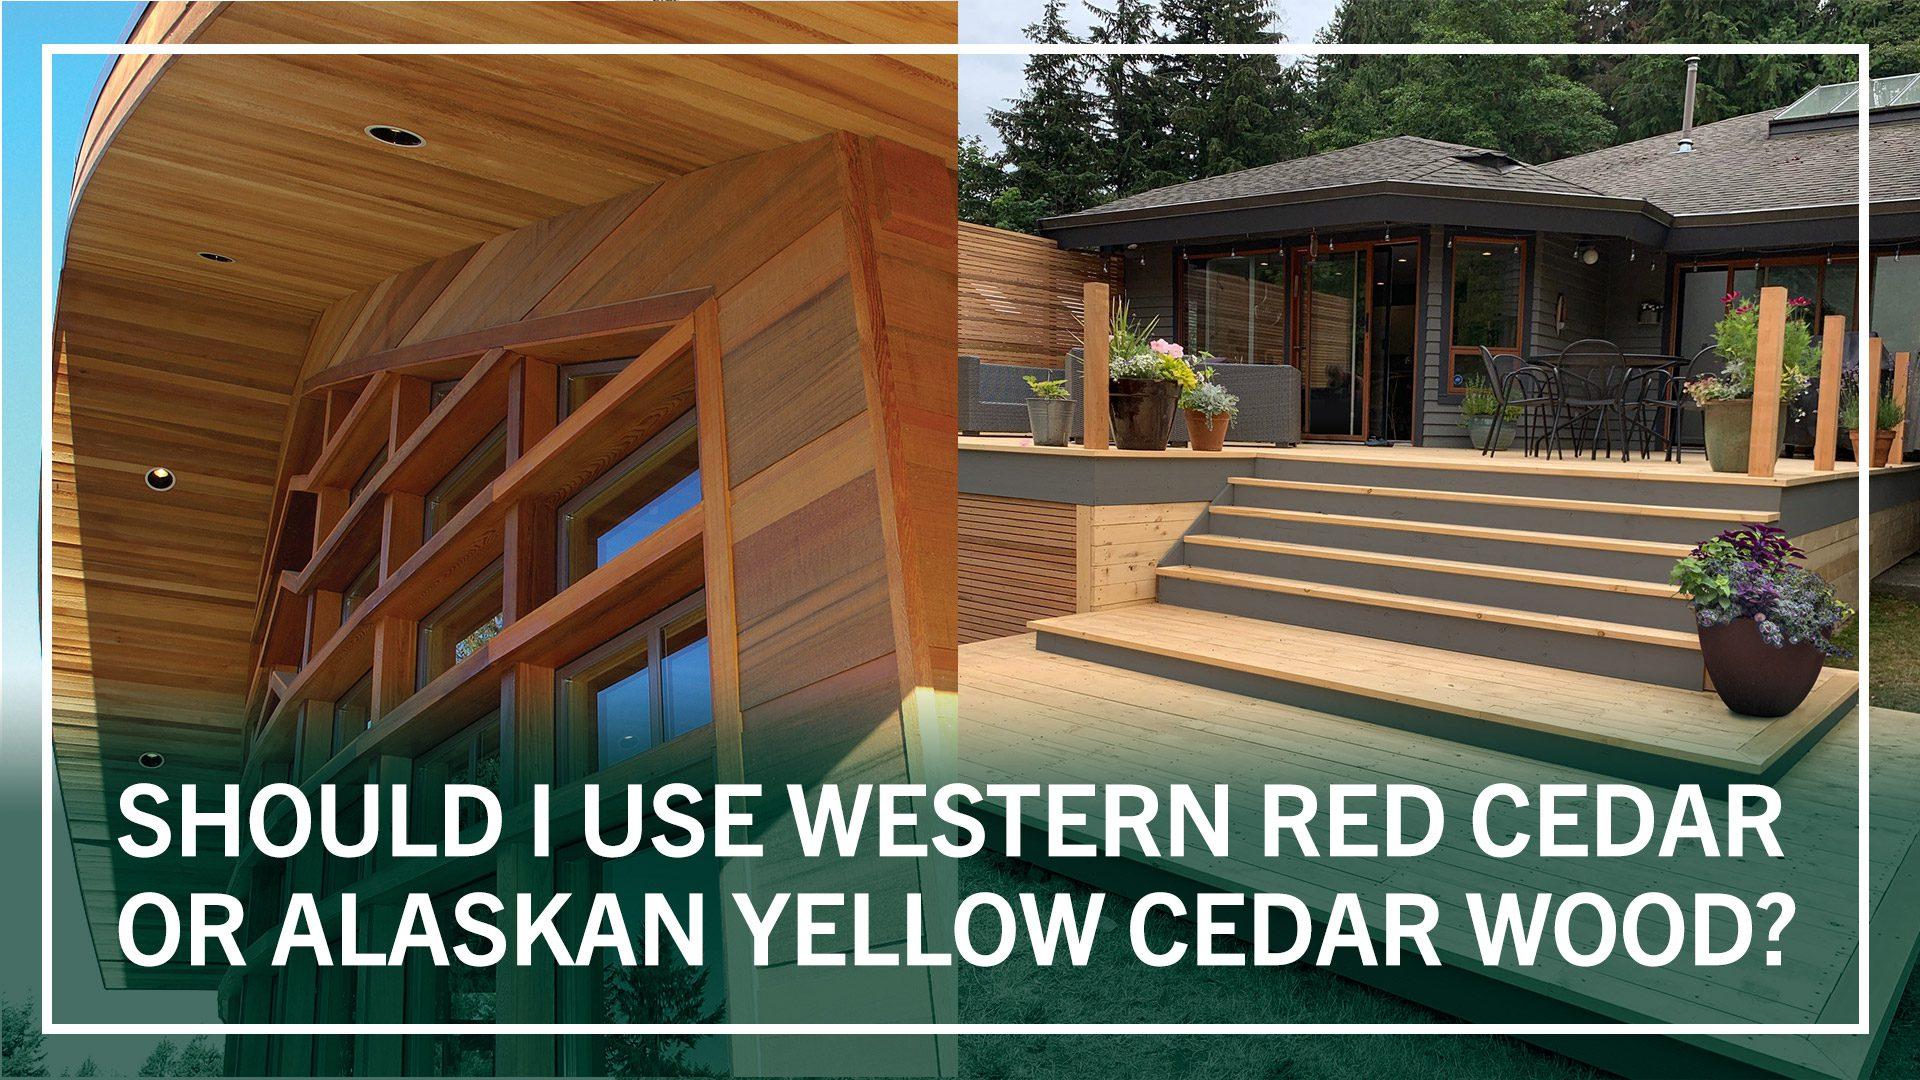 Types Of Cedar   Types Of Cedar Siding   Types Of Cedar Wood   Types Of Cedar Lumber